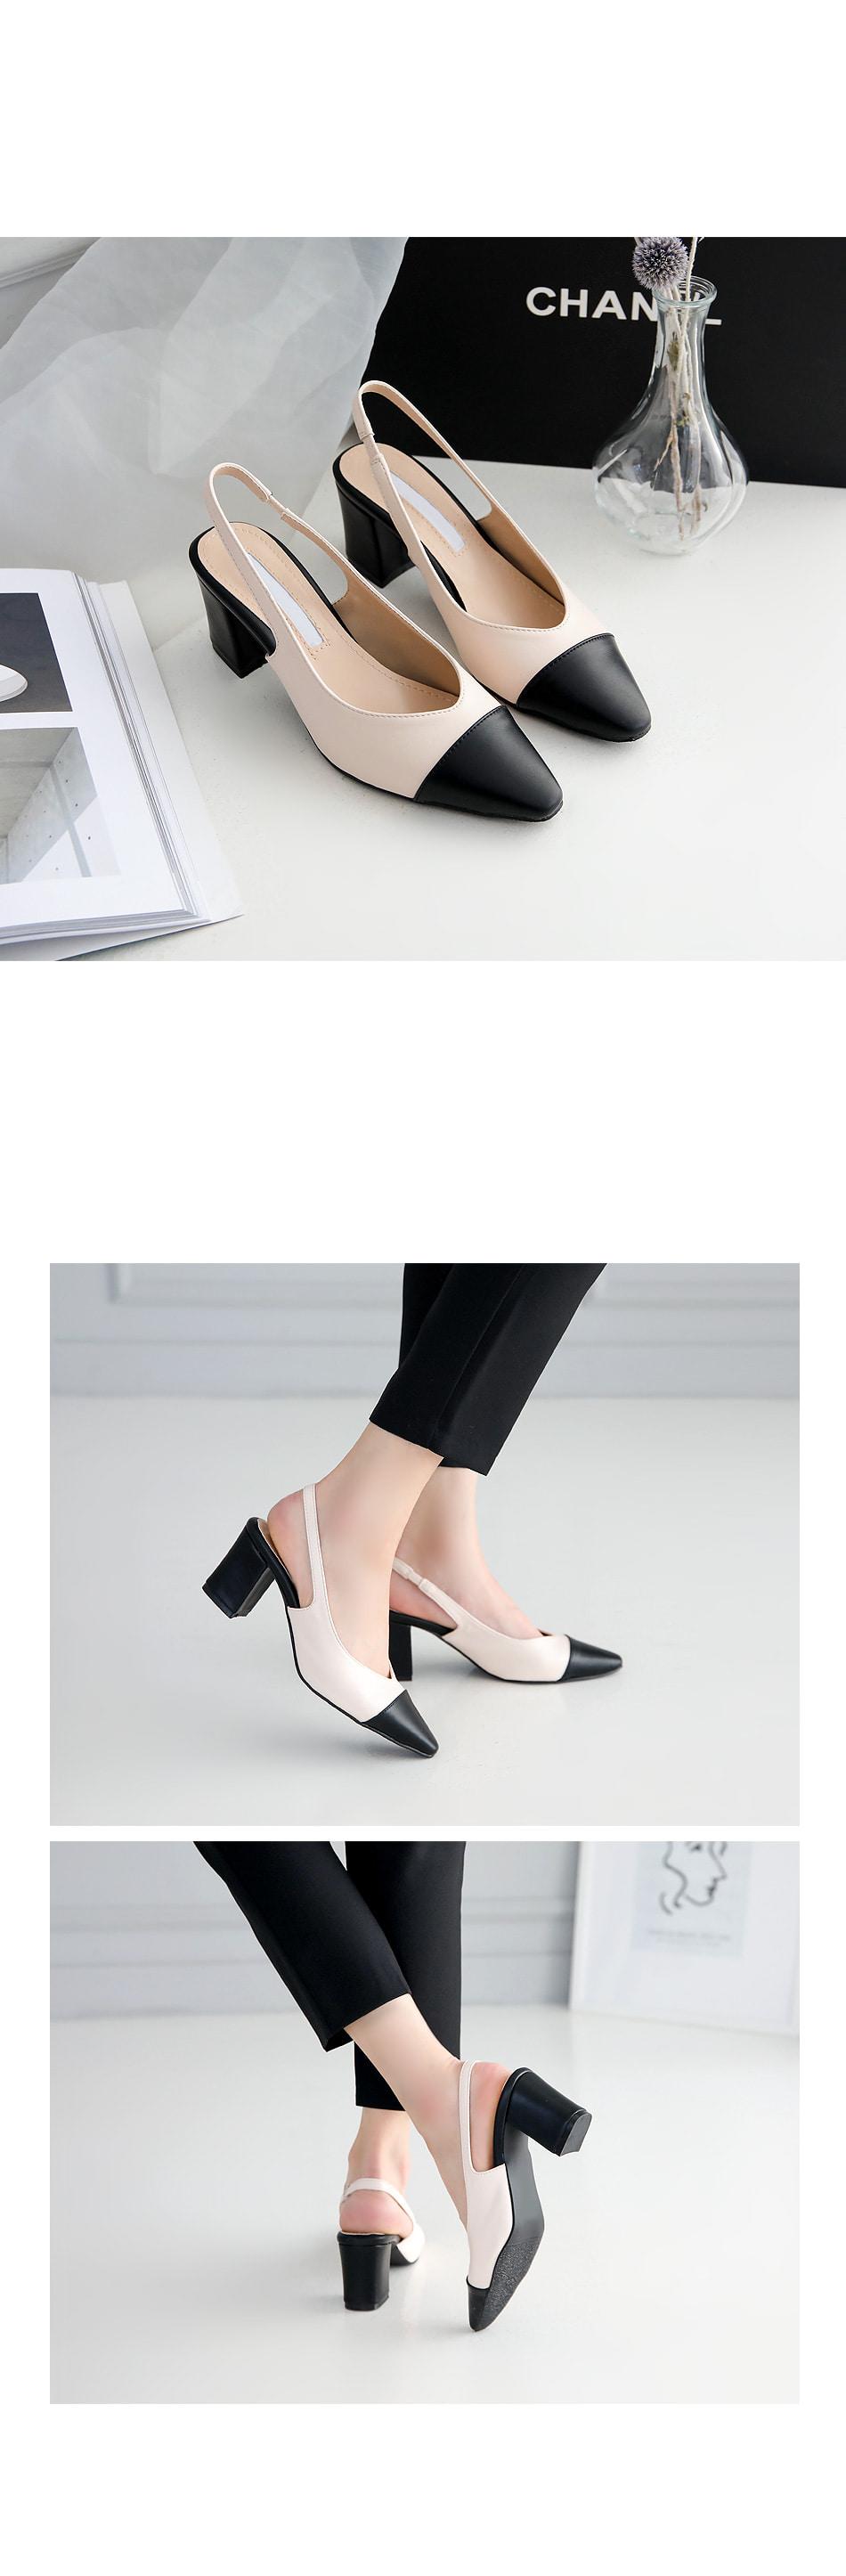 Rennes Slingback Middle Heel Pumps 6.5cm